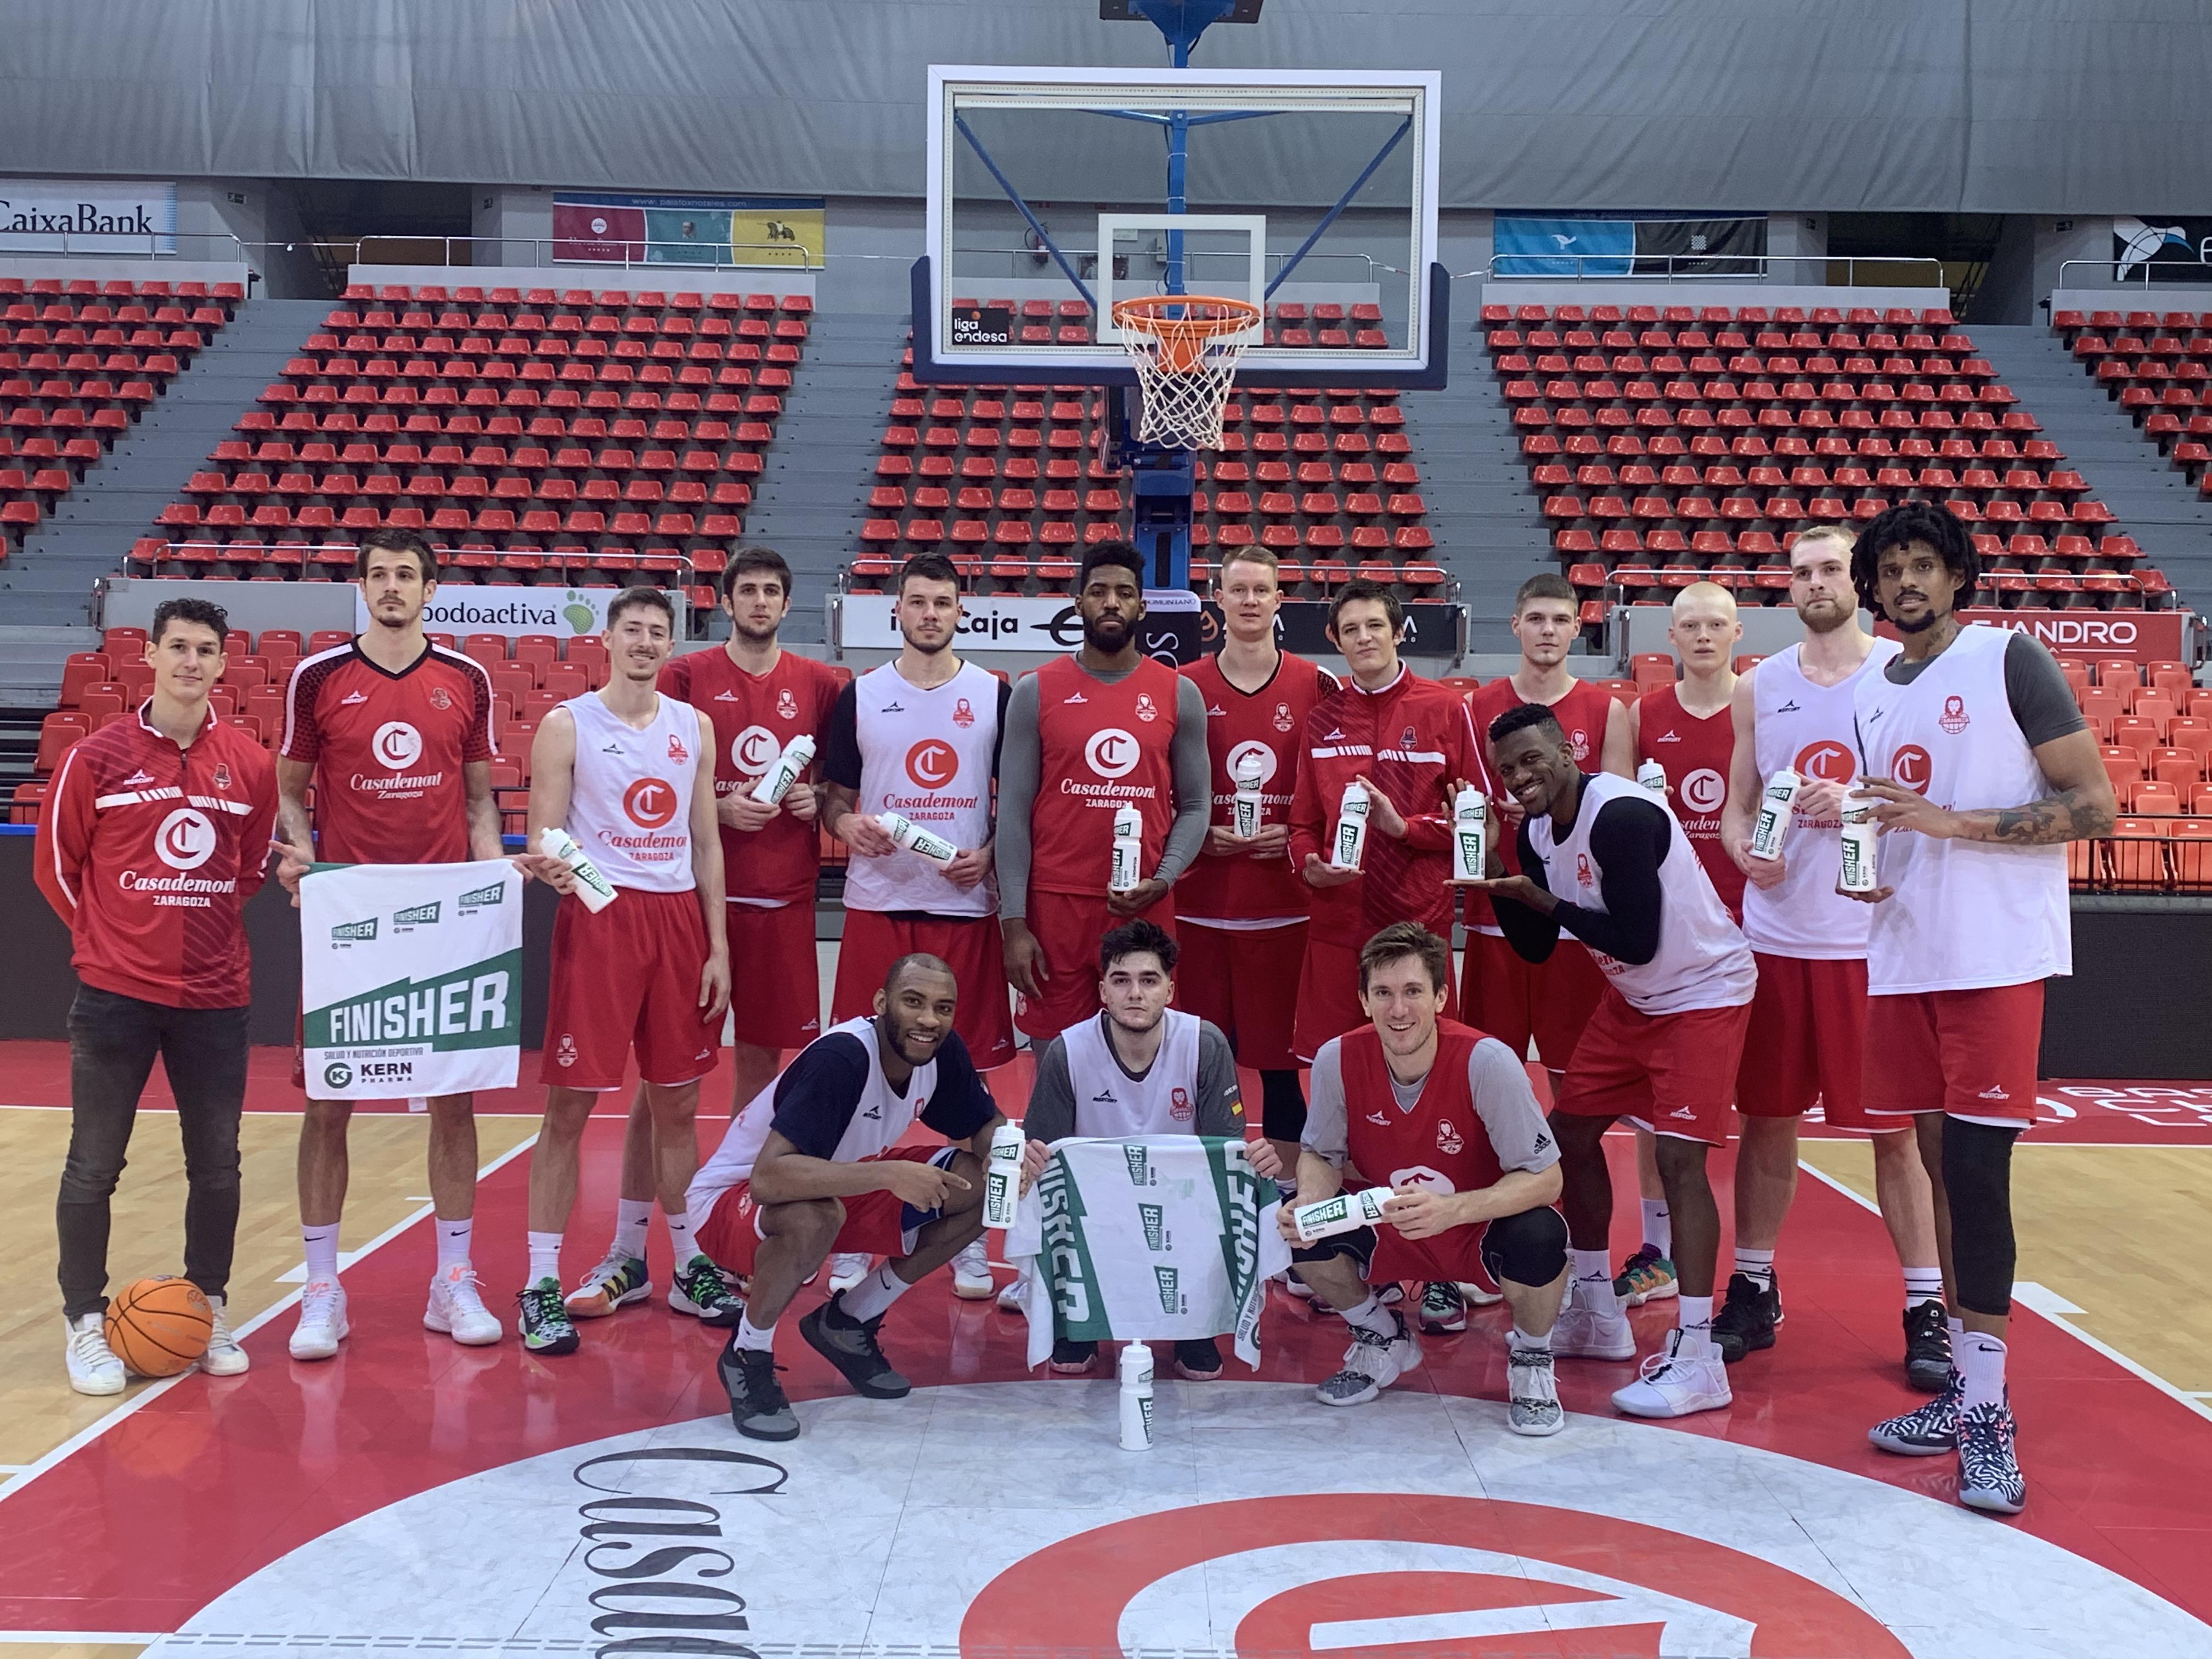 Equipo Basket Zaragoza -